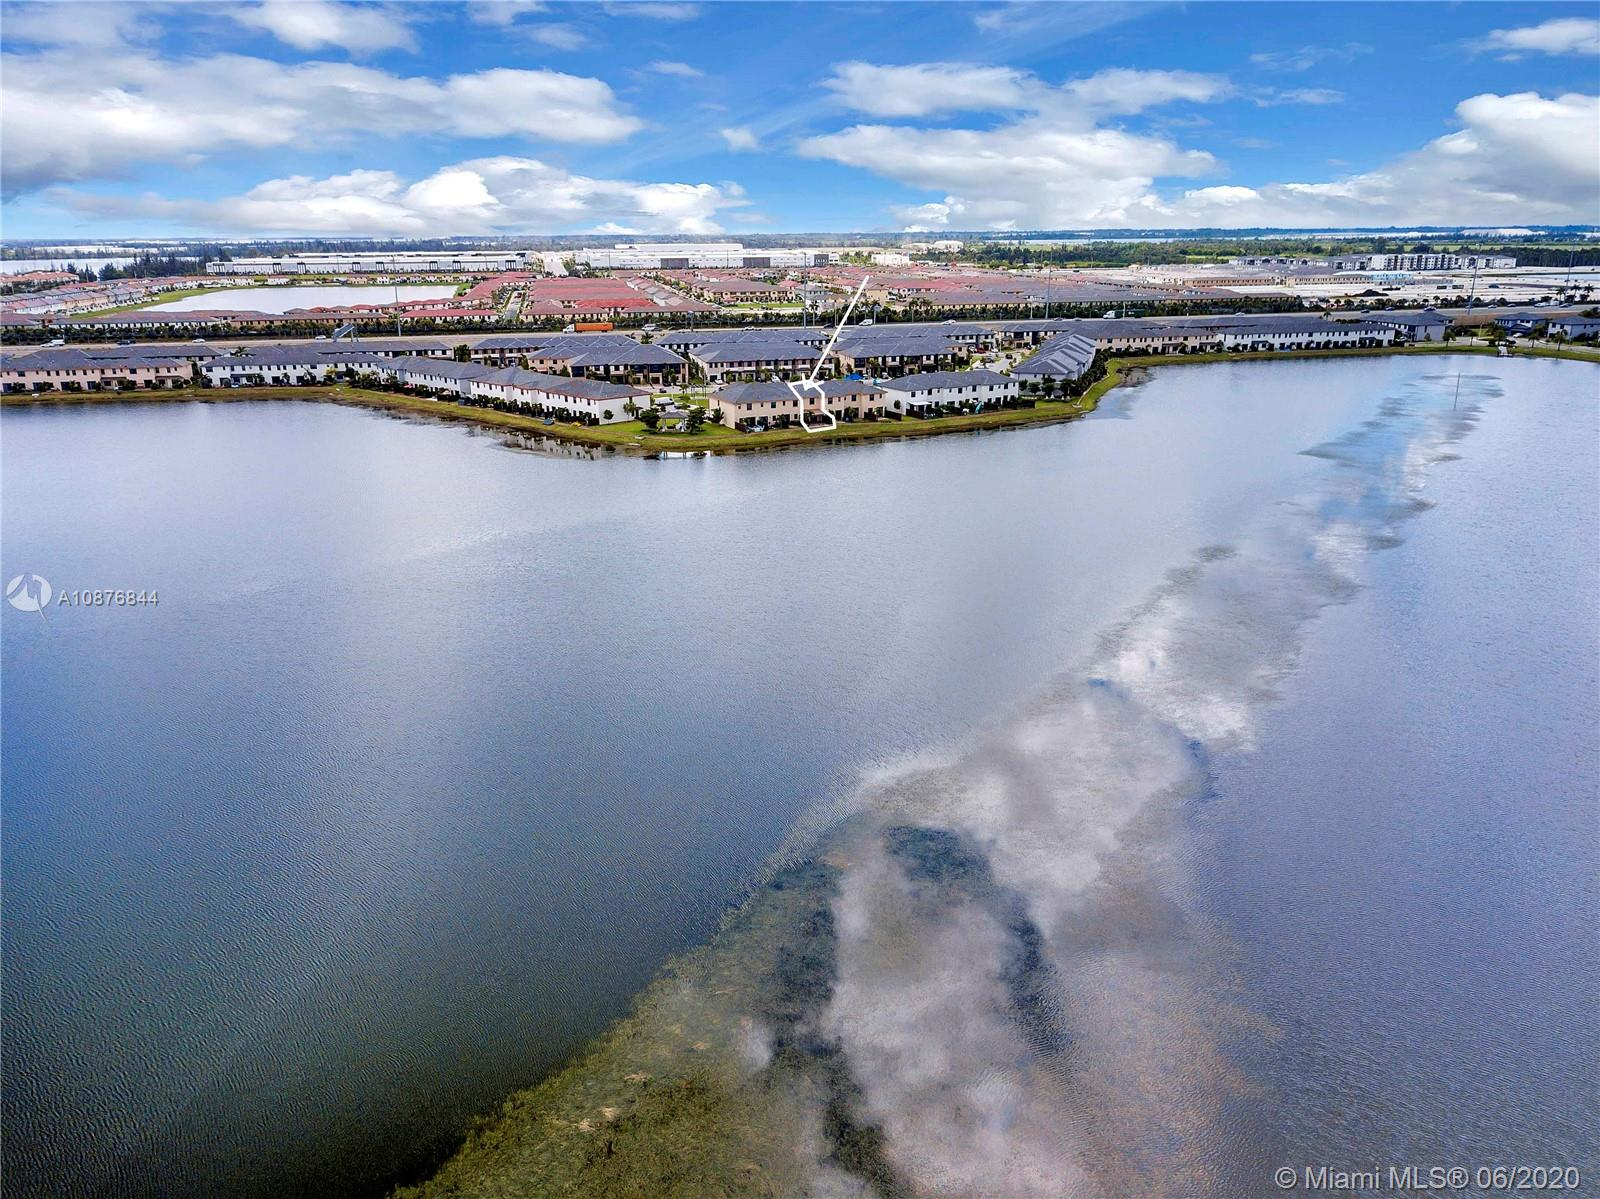 Miami Lakes #15839 - 48 - photo